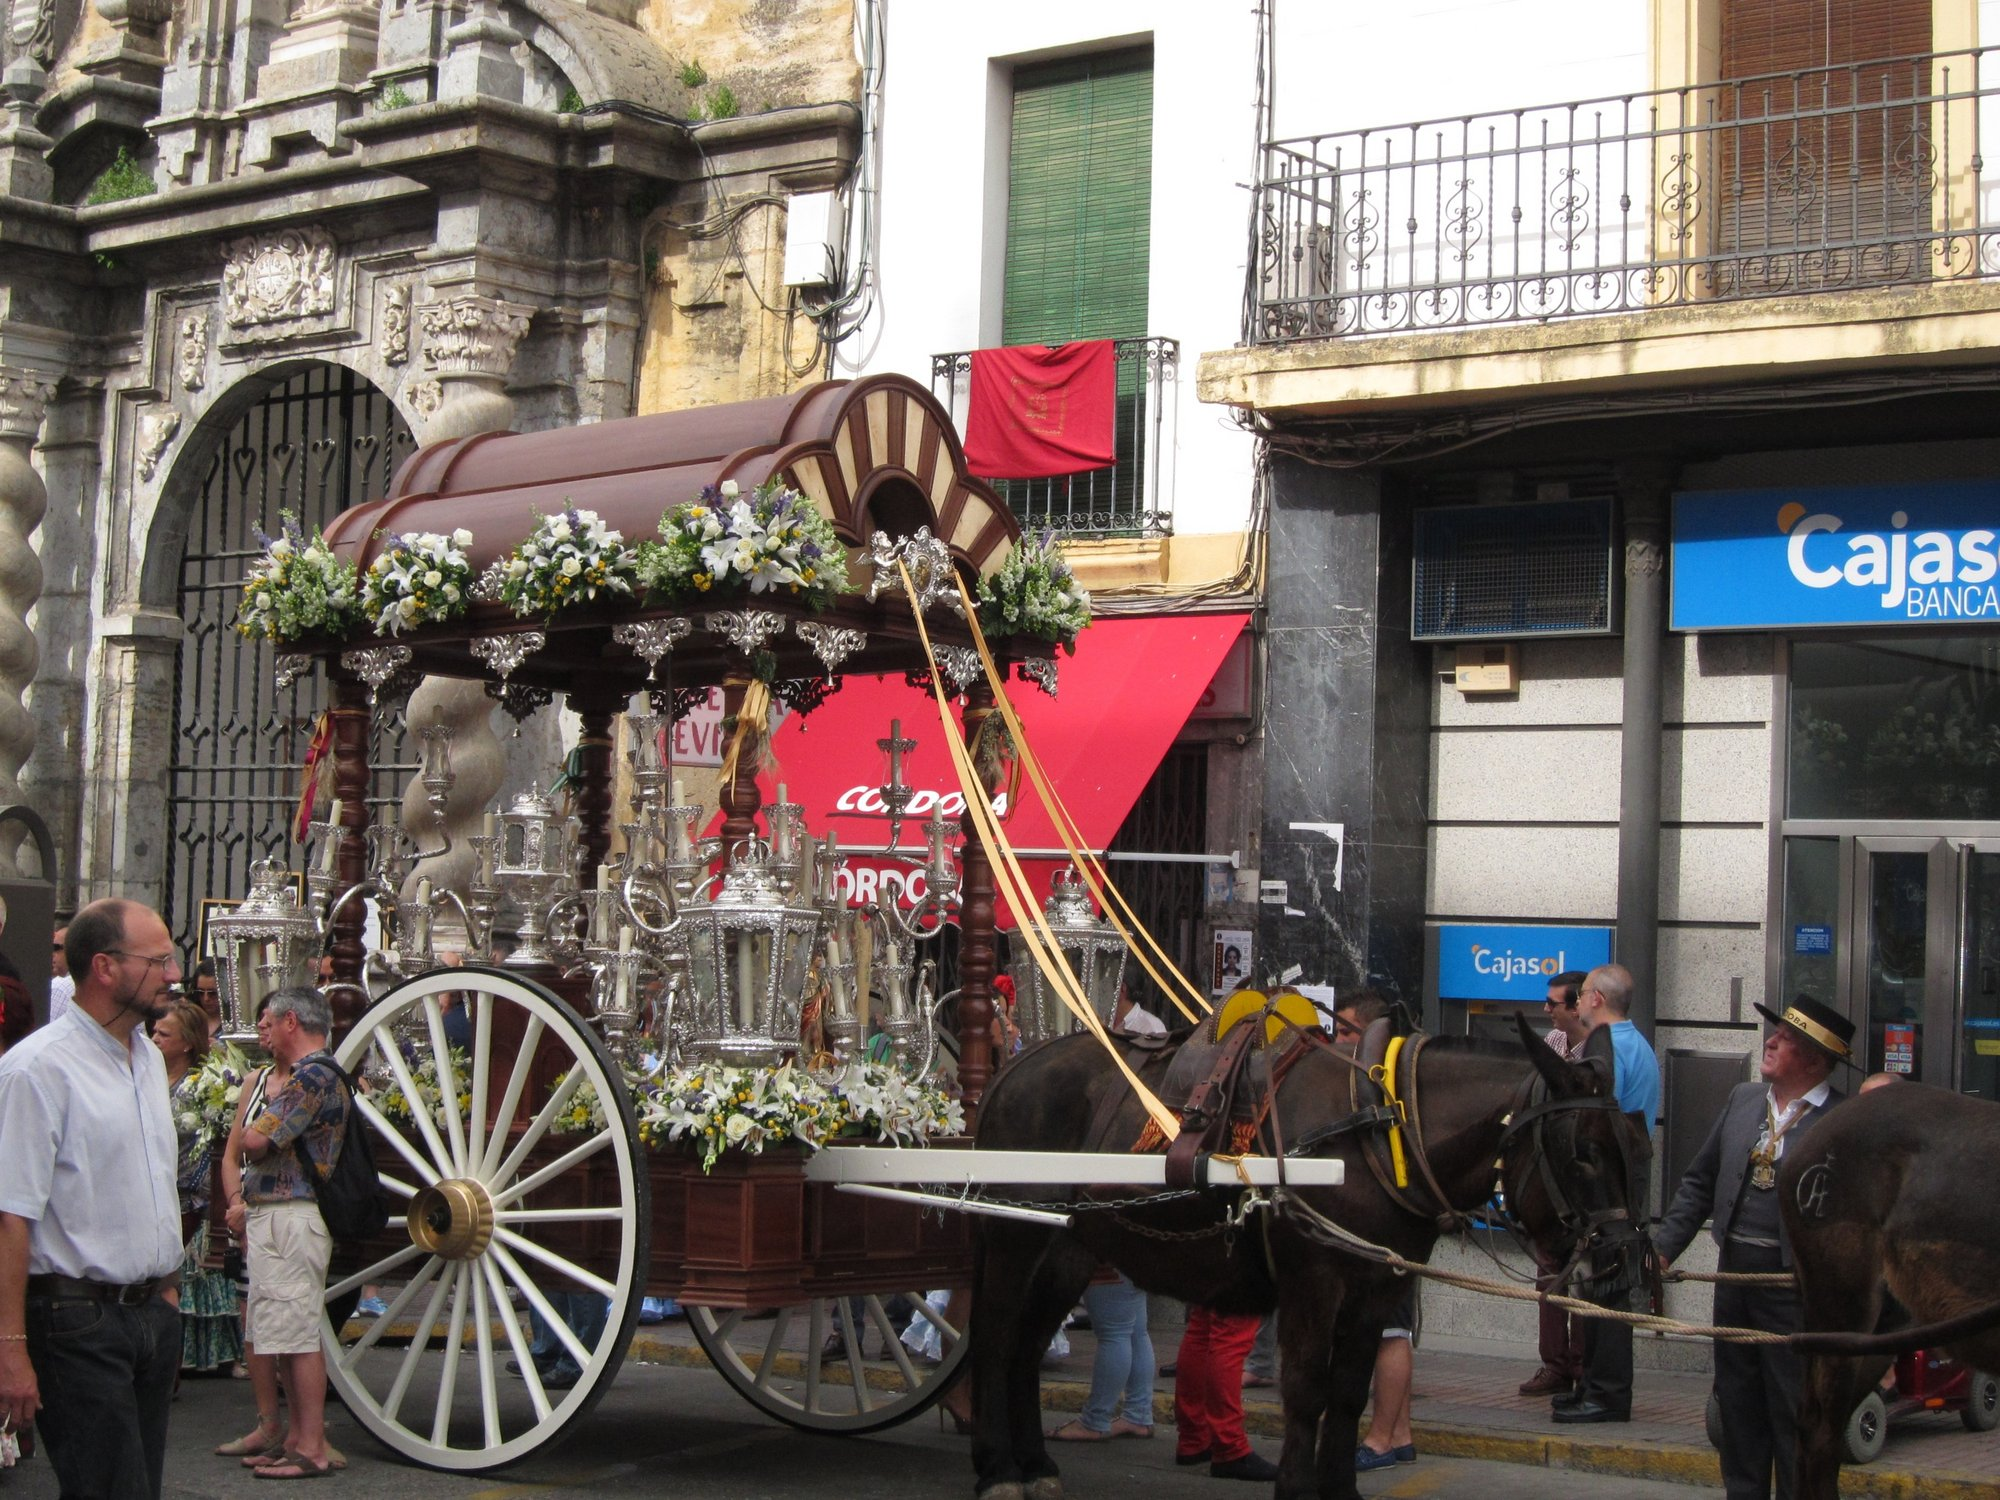 Inician el camino hacia la aldea de Almonte (Huelva) las carriolas de la Hermandad del Rocío de Córdoba